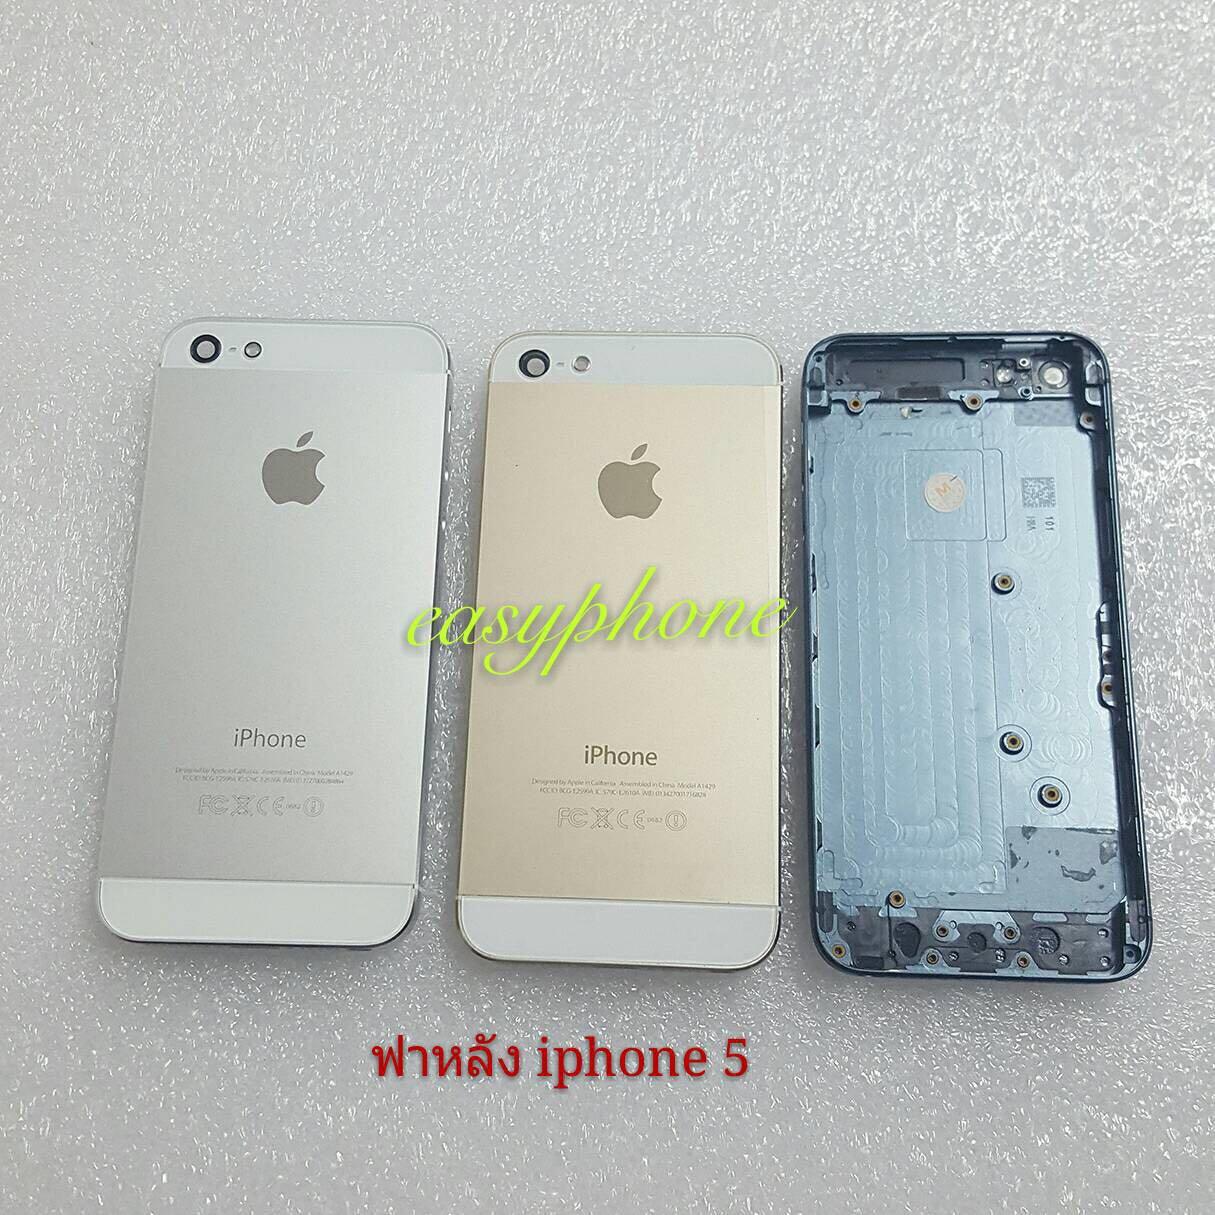 ฝาหลัง iPhone 5g ของแท้ // สีดำ / สีขาว / สีทอง